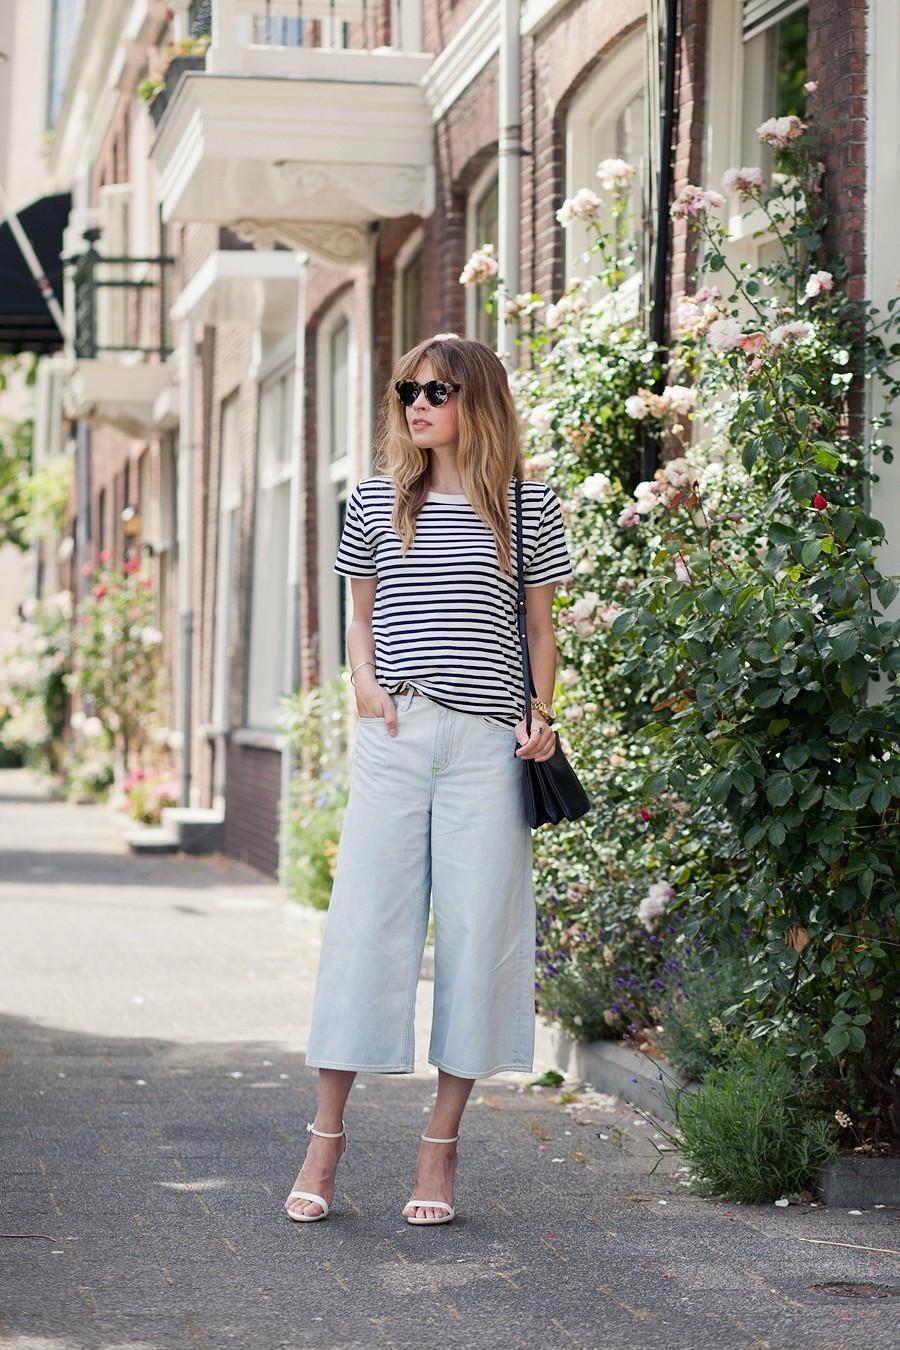 Короткие джинсы кюлоты - модны в сезоне 2016.